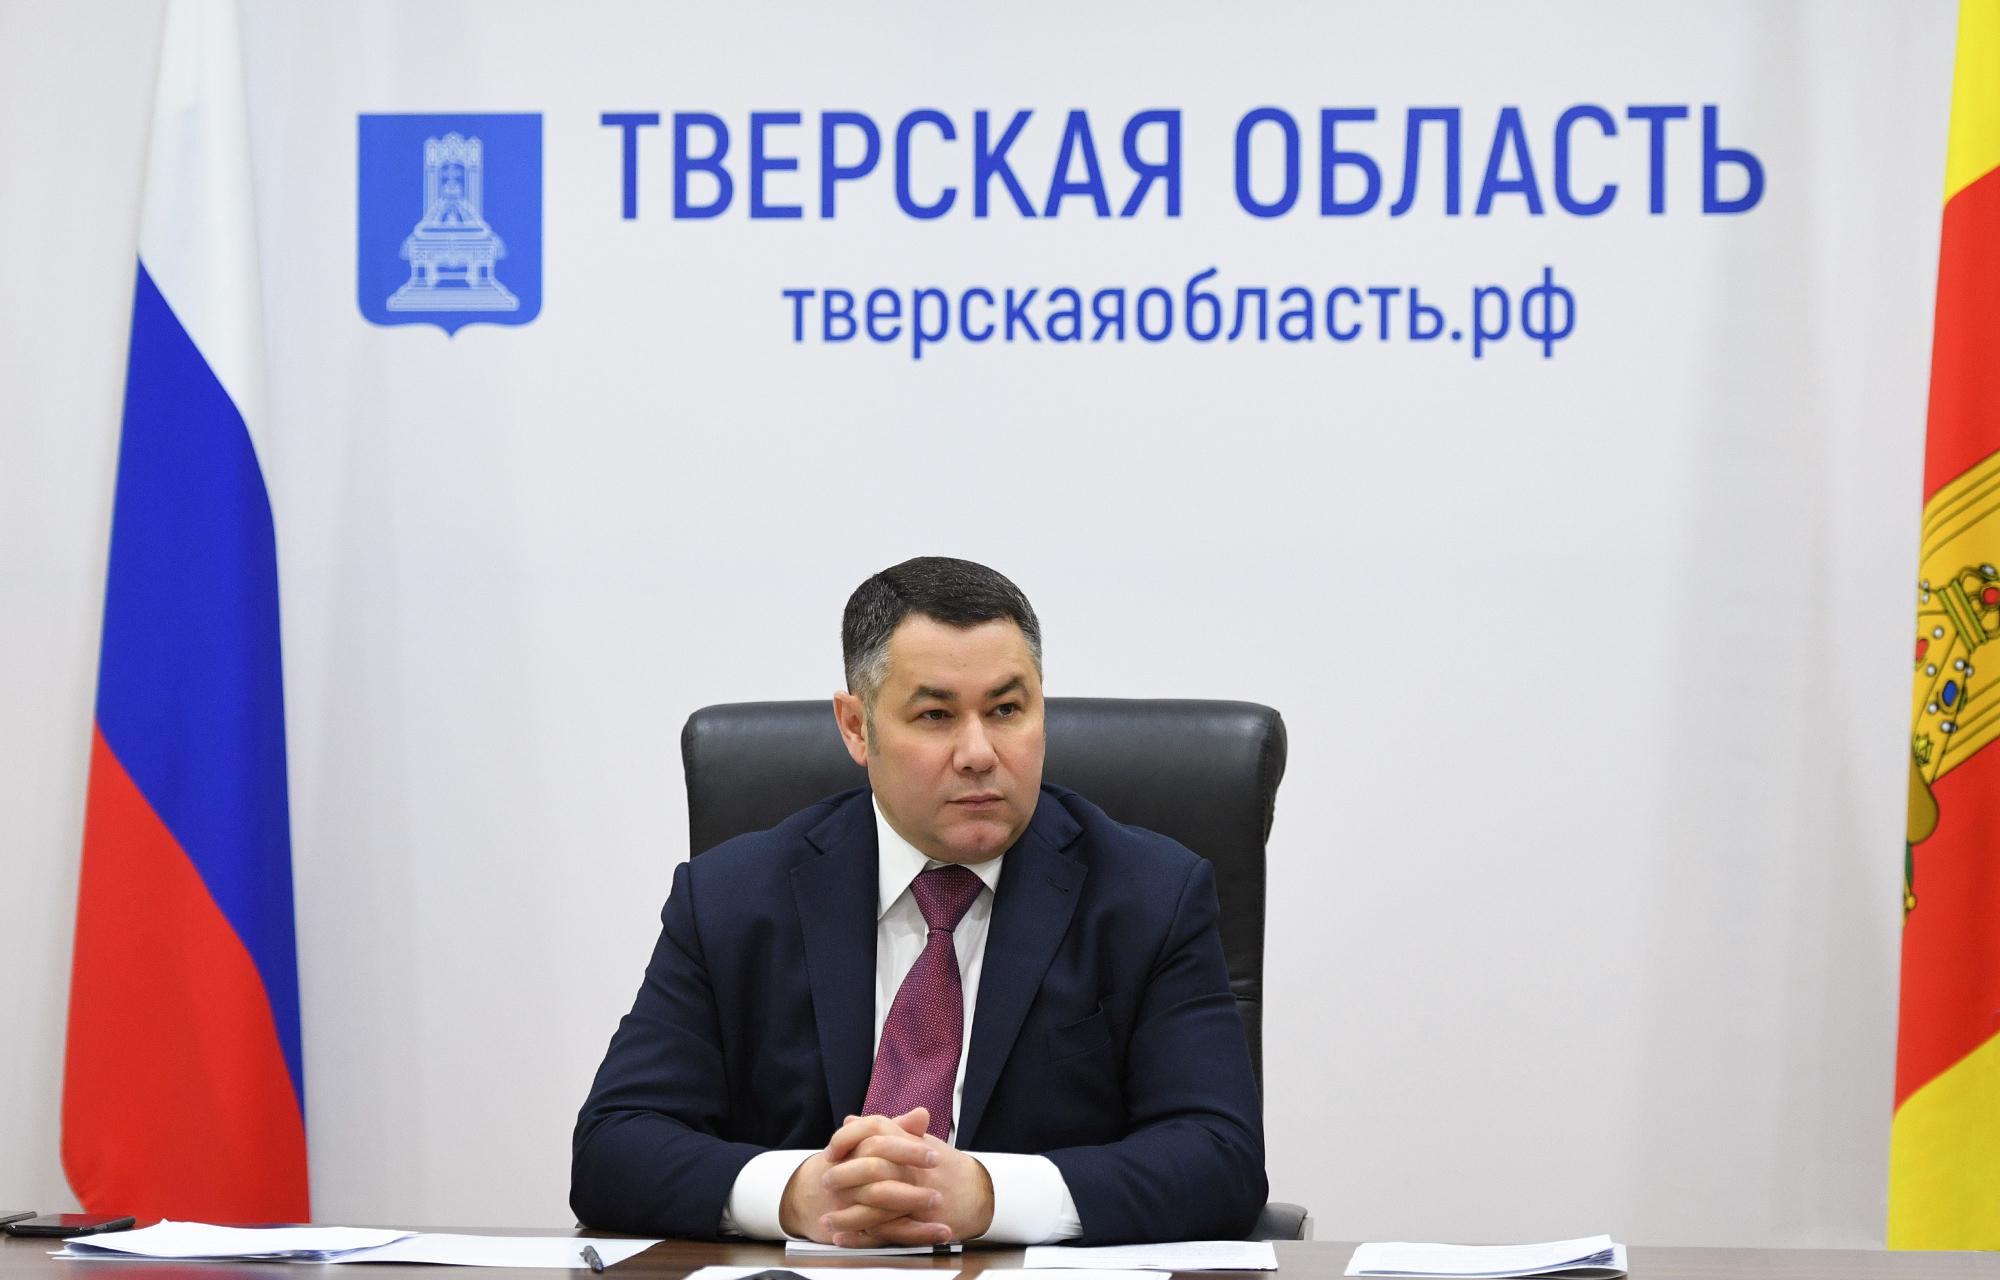 Игорь Руденя принял участие в заседании Совета ЦФО под председательством полпреда игоря Щеголева - новости Афанасий